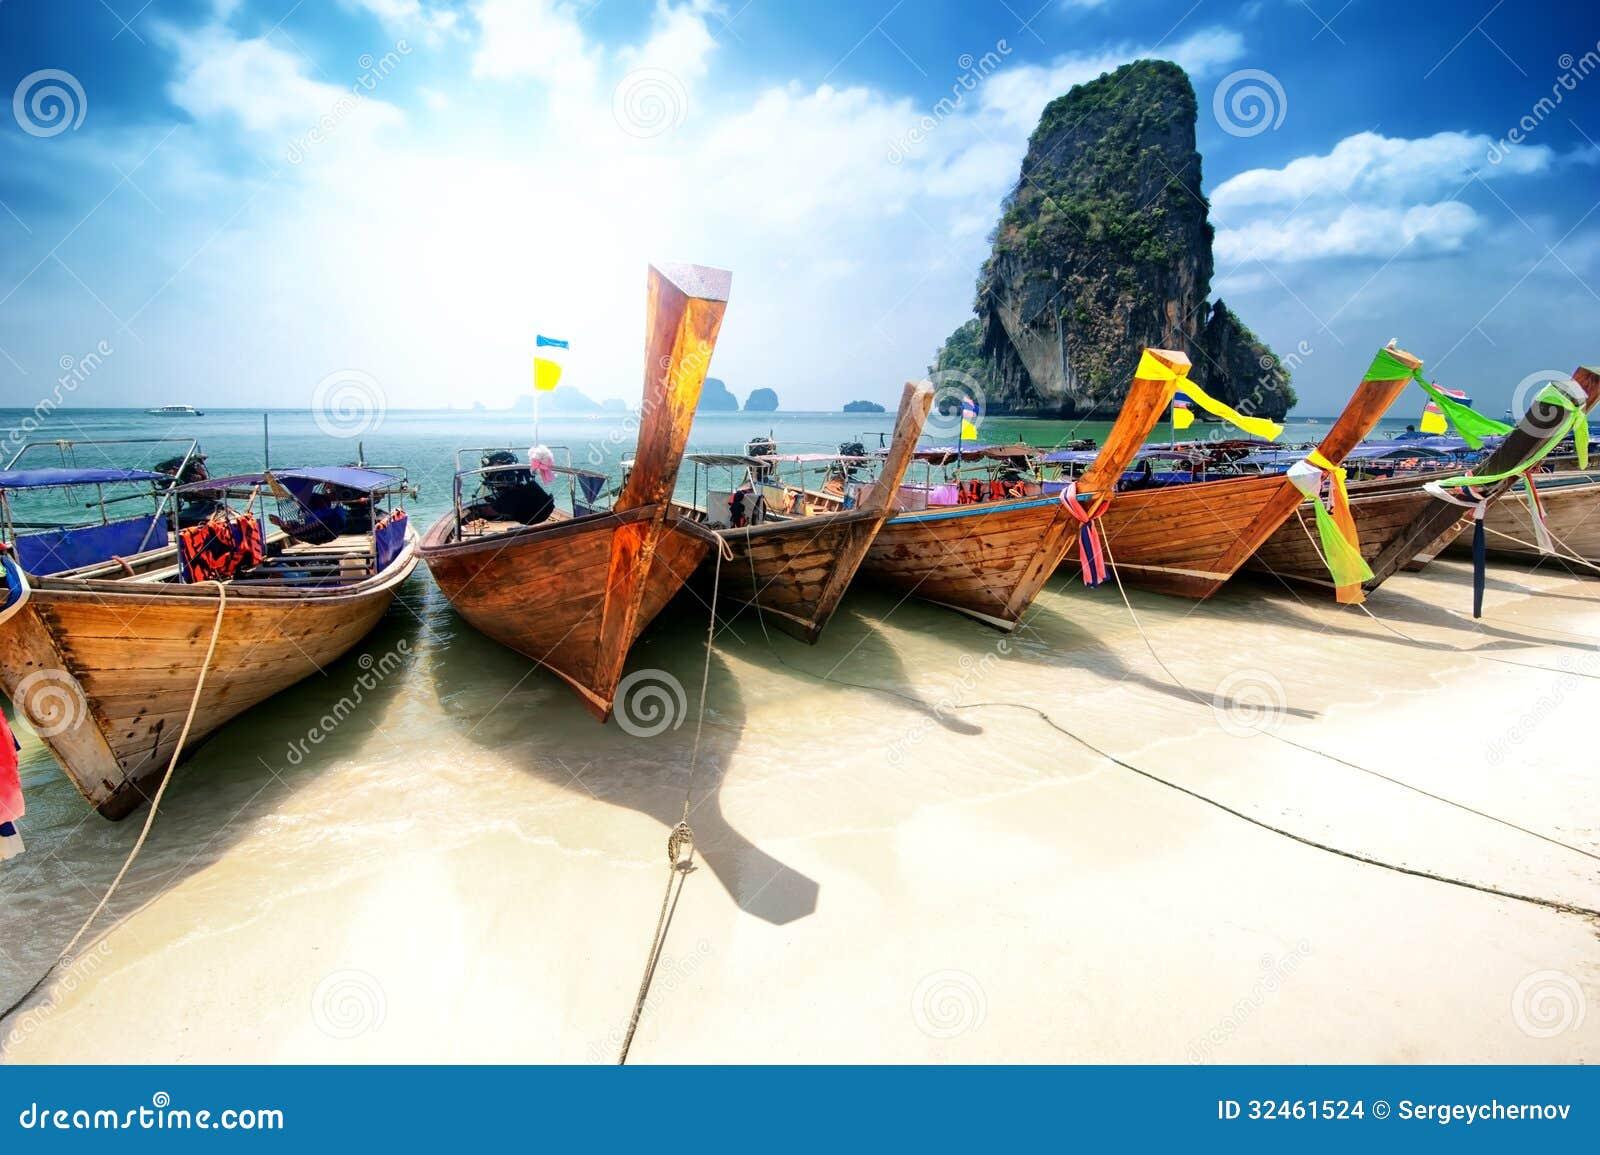 Thailand strand på den tropiska ön. Härlig loppbakgrund